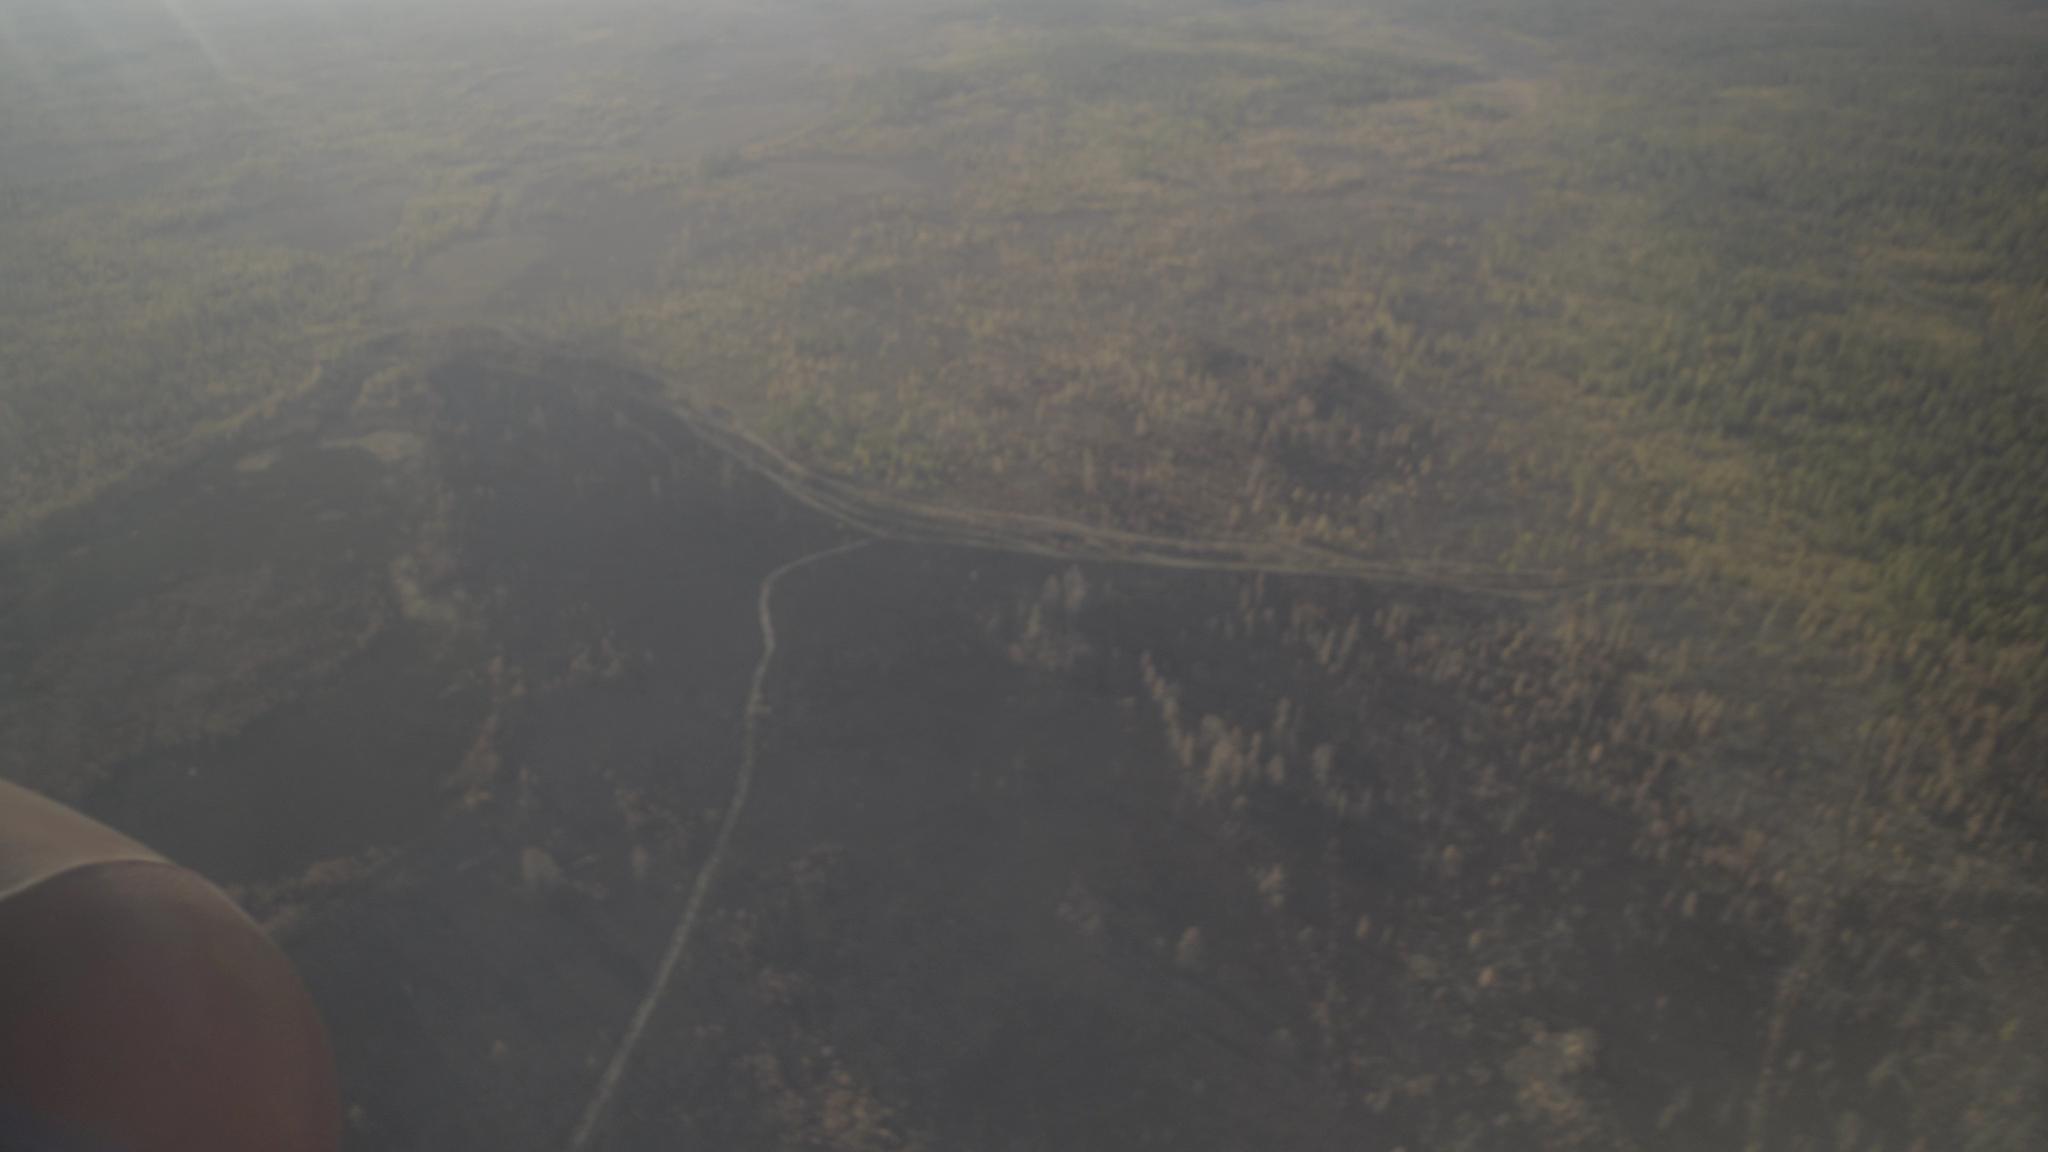 지난달 하늘 위 헬리콥터에서 내려다본 러시아 사하공화국 빌류이스키 숲. 화마가 한번 휩쓸고 간 곳은 주변과 달리 검은색으로 변했다. 적지 않은 면적이 폐허가 됐다. 사진 sreda studio